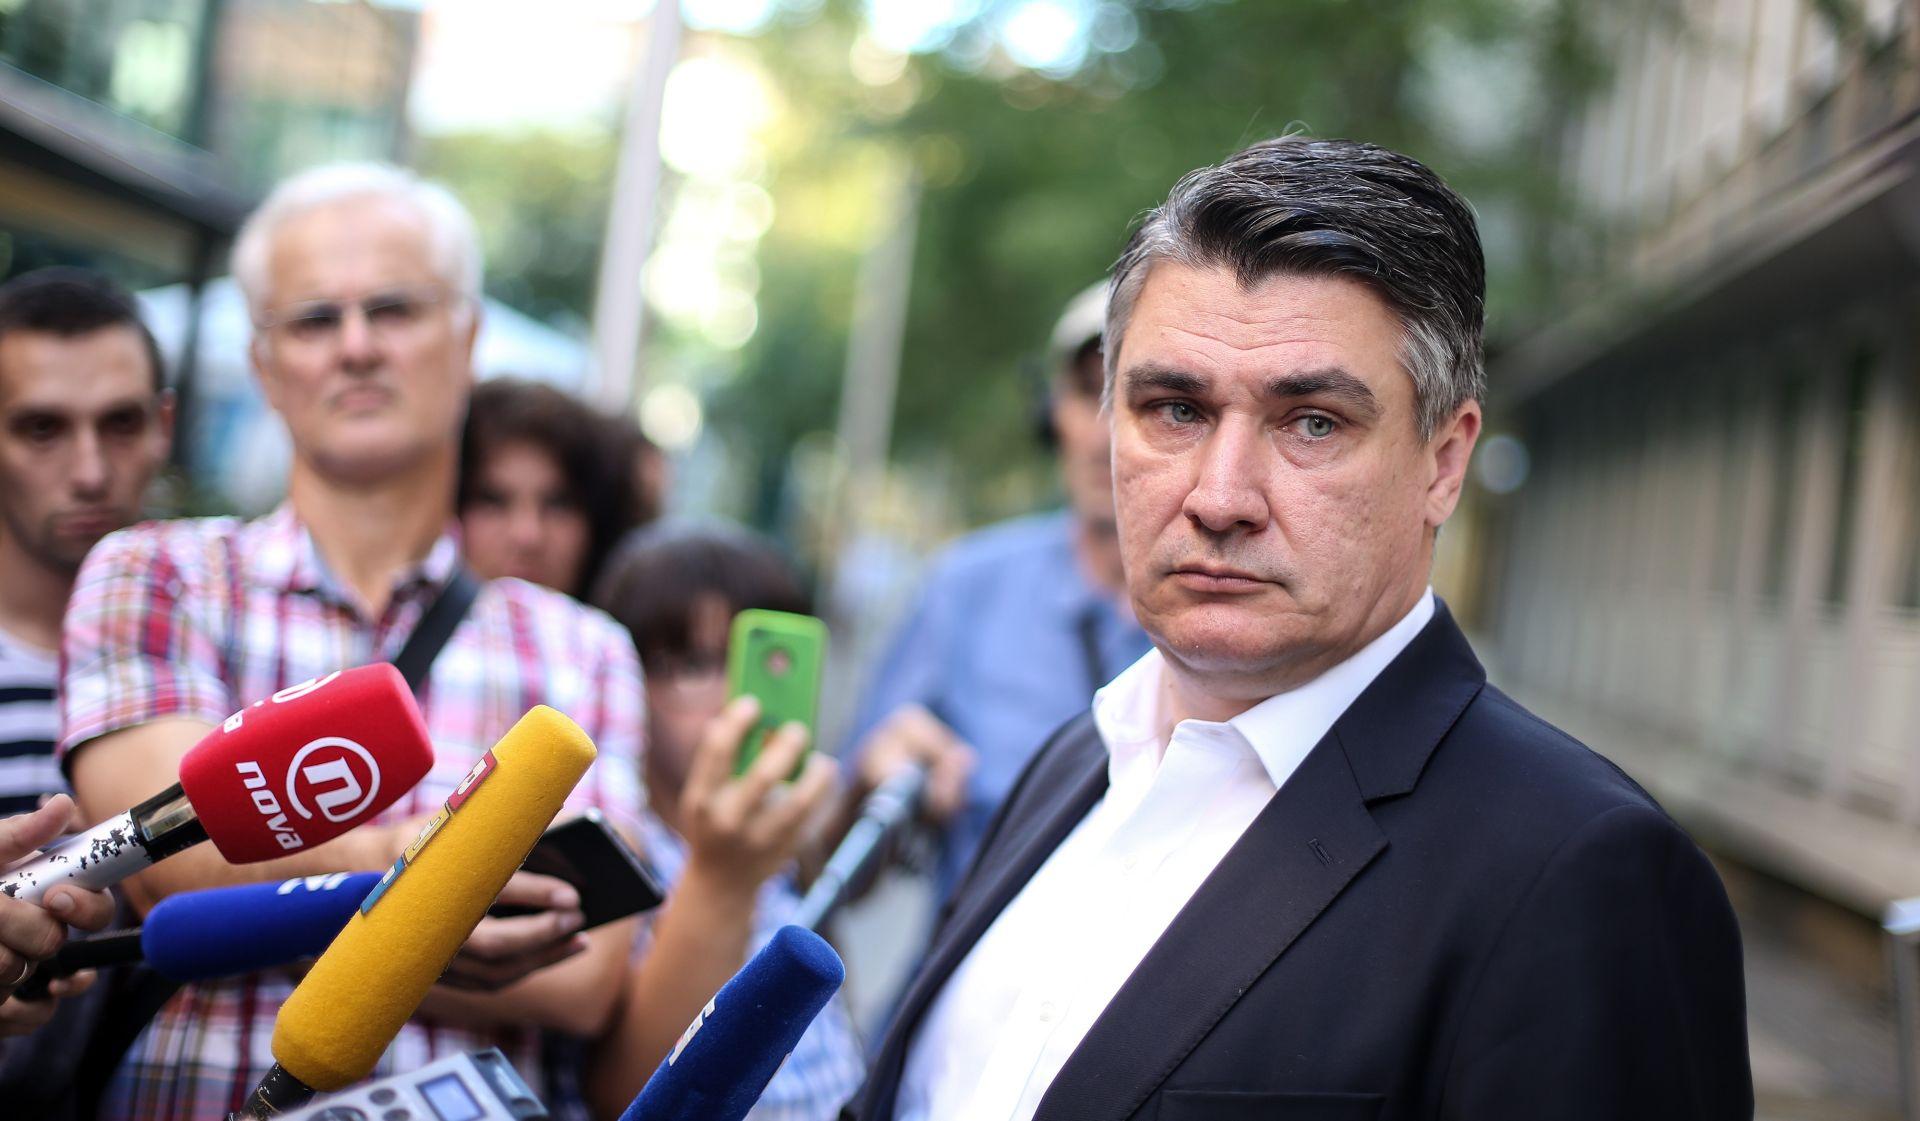 Zbog neplaćanja članarine Milanoviću prijeti brisanje iz članstva u SDP-u?